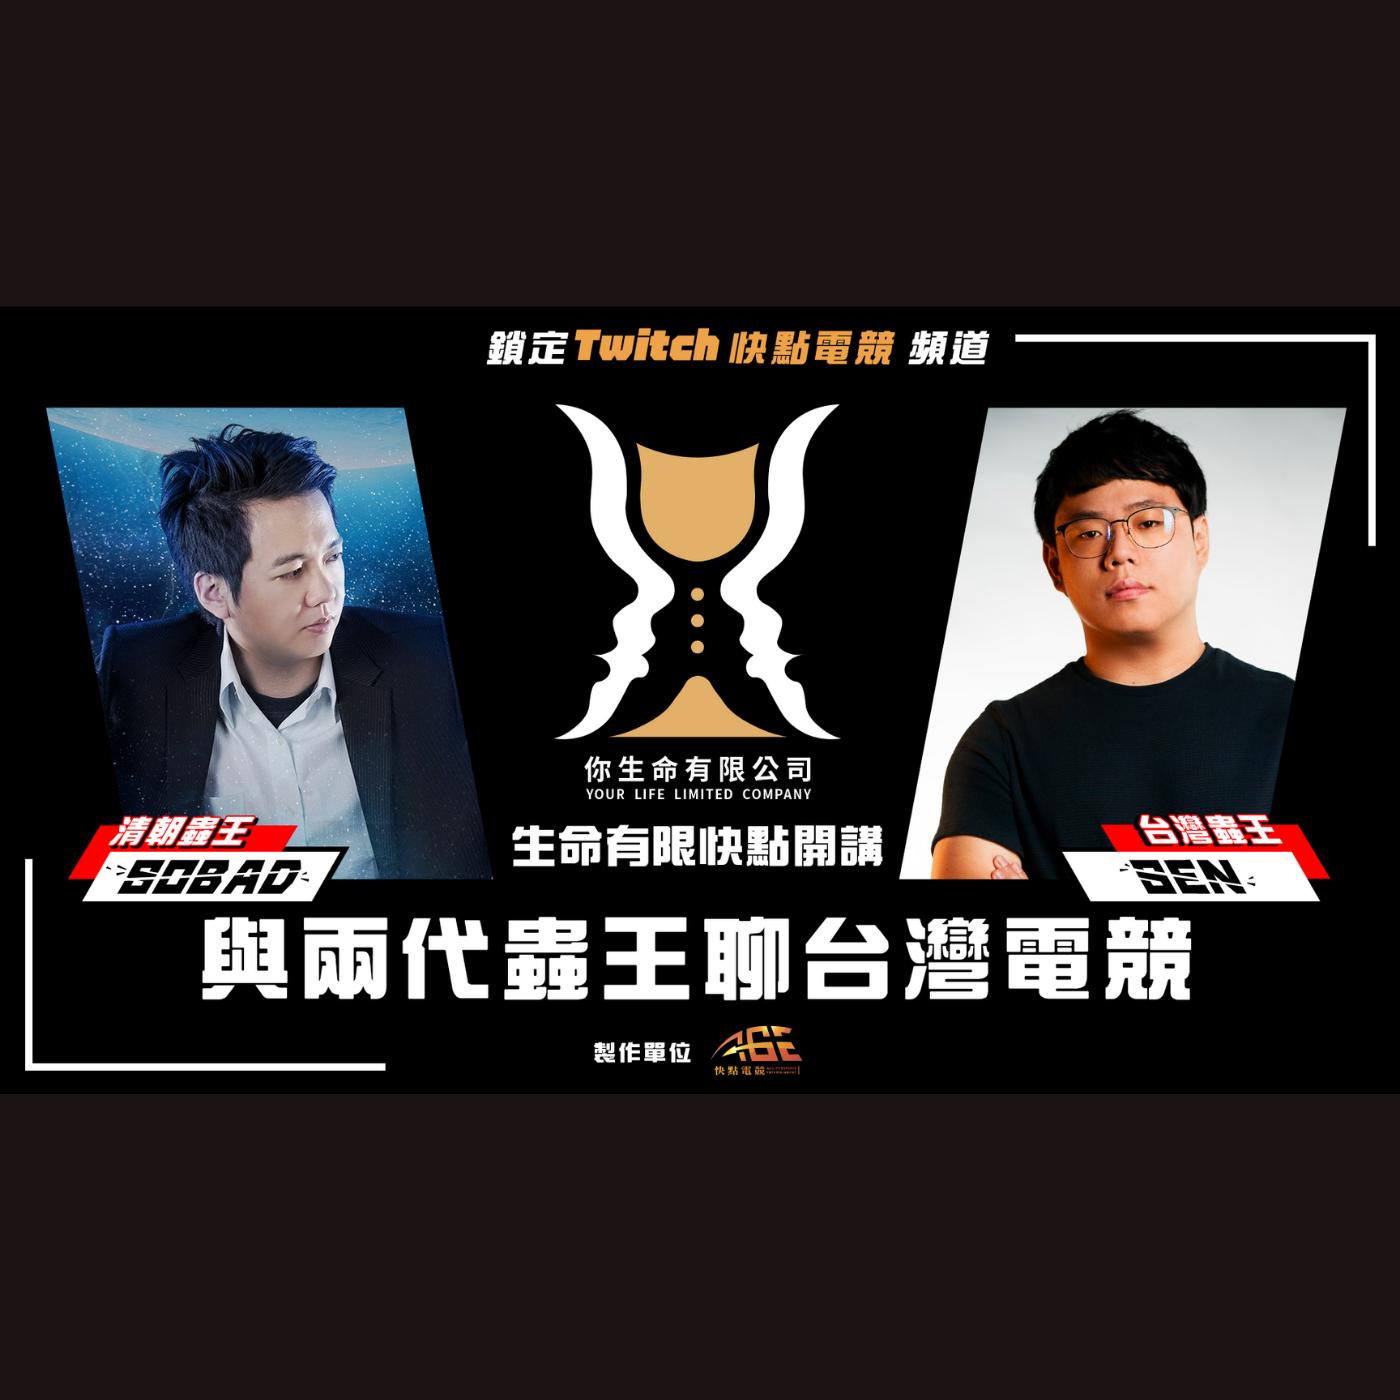 與兩代蟲王聊台灣電競 【生命有限快點開講】